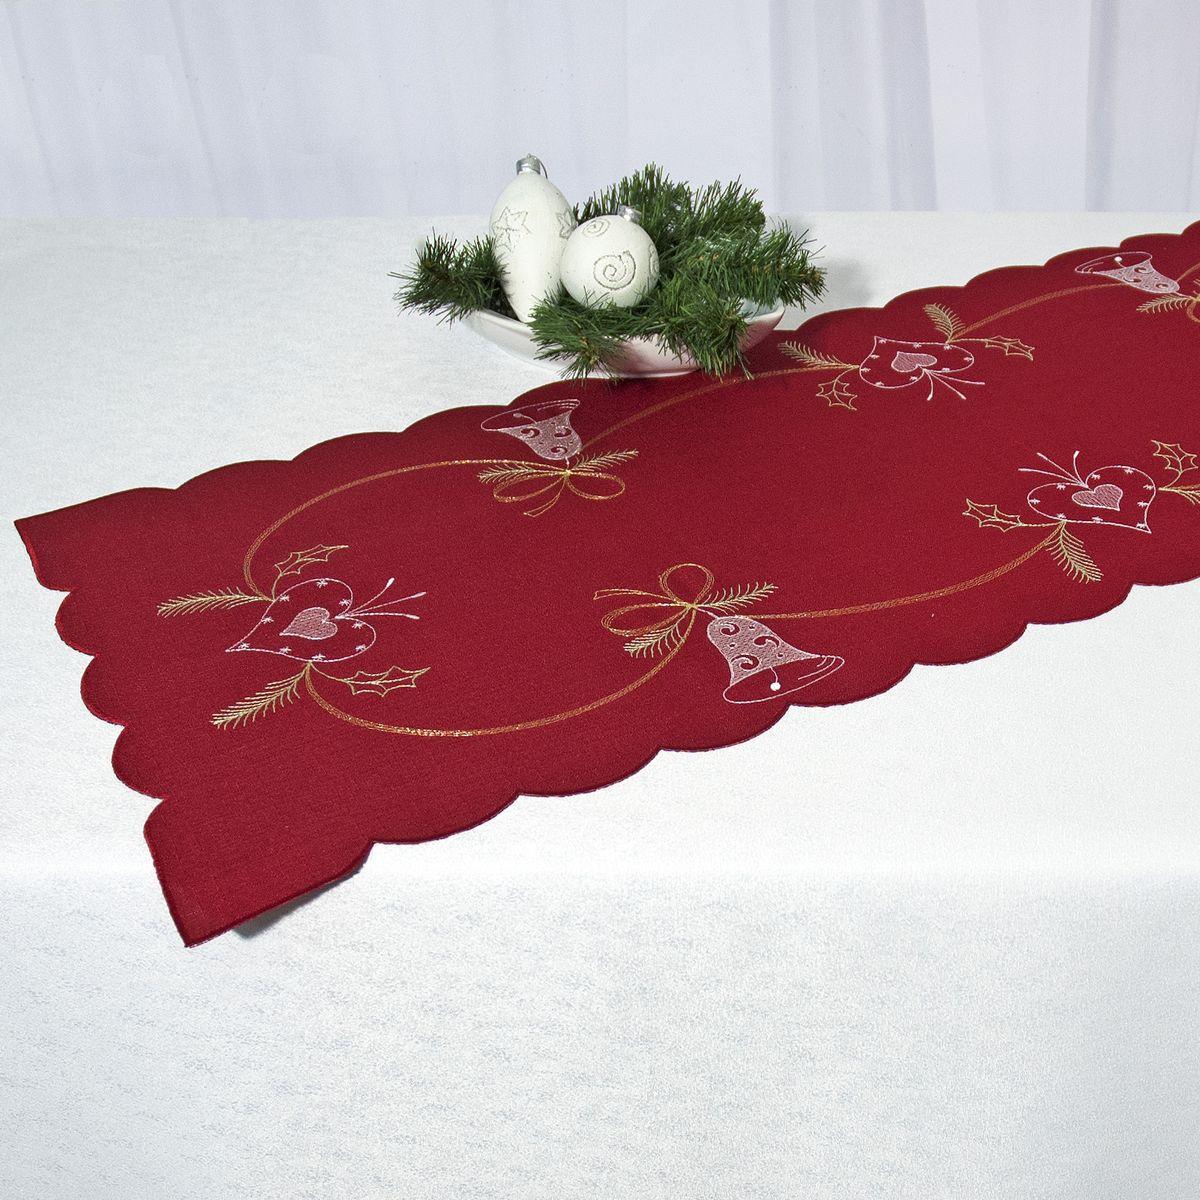 Дорожка для декорирования стола Schaefer, цвет: бордовый, 35 х 140 см 07666-23007666-230Дорожка Schaefer, выполненная из полиэстера, станет изысканным украшением интерьера в преддверии Нового года. Изделие декорировано красиво обработанным волнистым краем и вышивкой с новогодними мотивами. Такую дорожку можно использовать для украшения комодов, тумб и столов. За текстилем из полиэстера очень легко ухаживать: он легко стирается, не мнется, не садится и быстро сохнет, более долговечен, чем текстиль из натуральных волокон. Такая дорожка изящно дополнит интерьер вашего дома.